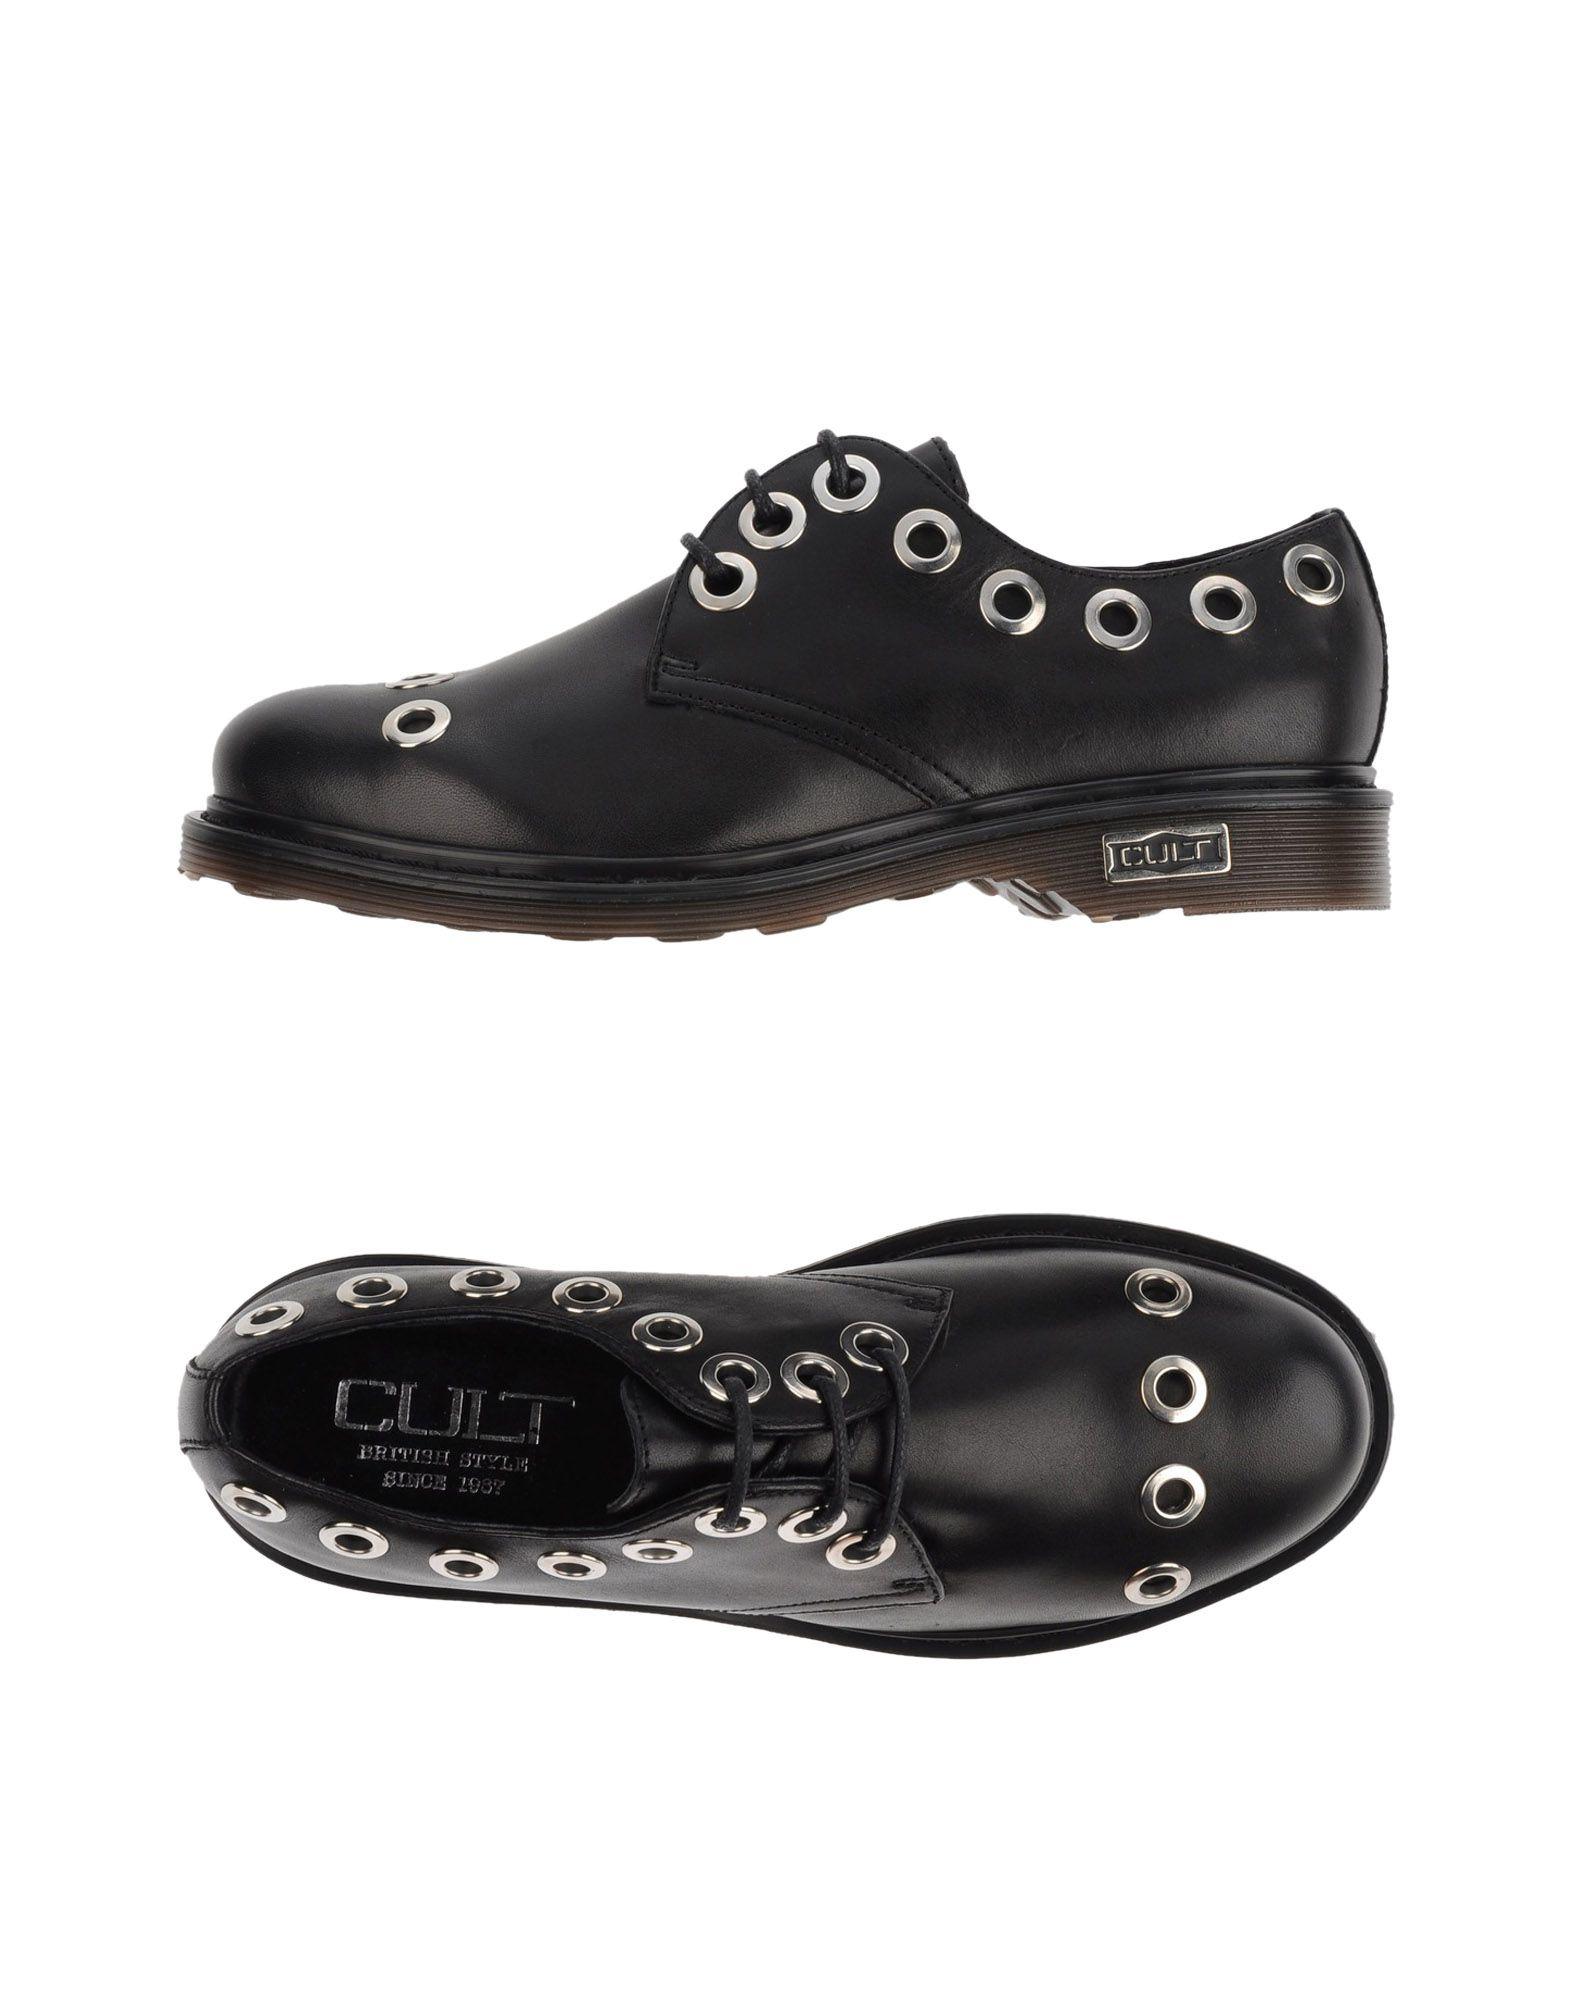 Cult Schnürschuhe Damen  11218718MN Gute Qualität beliebte Schuhe